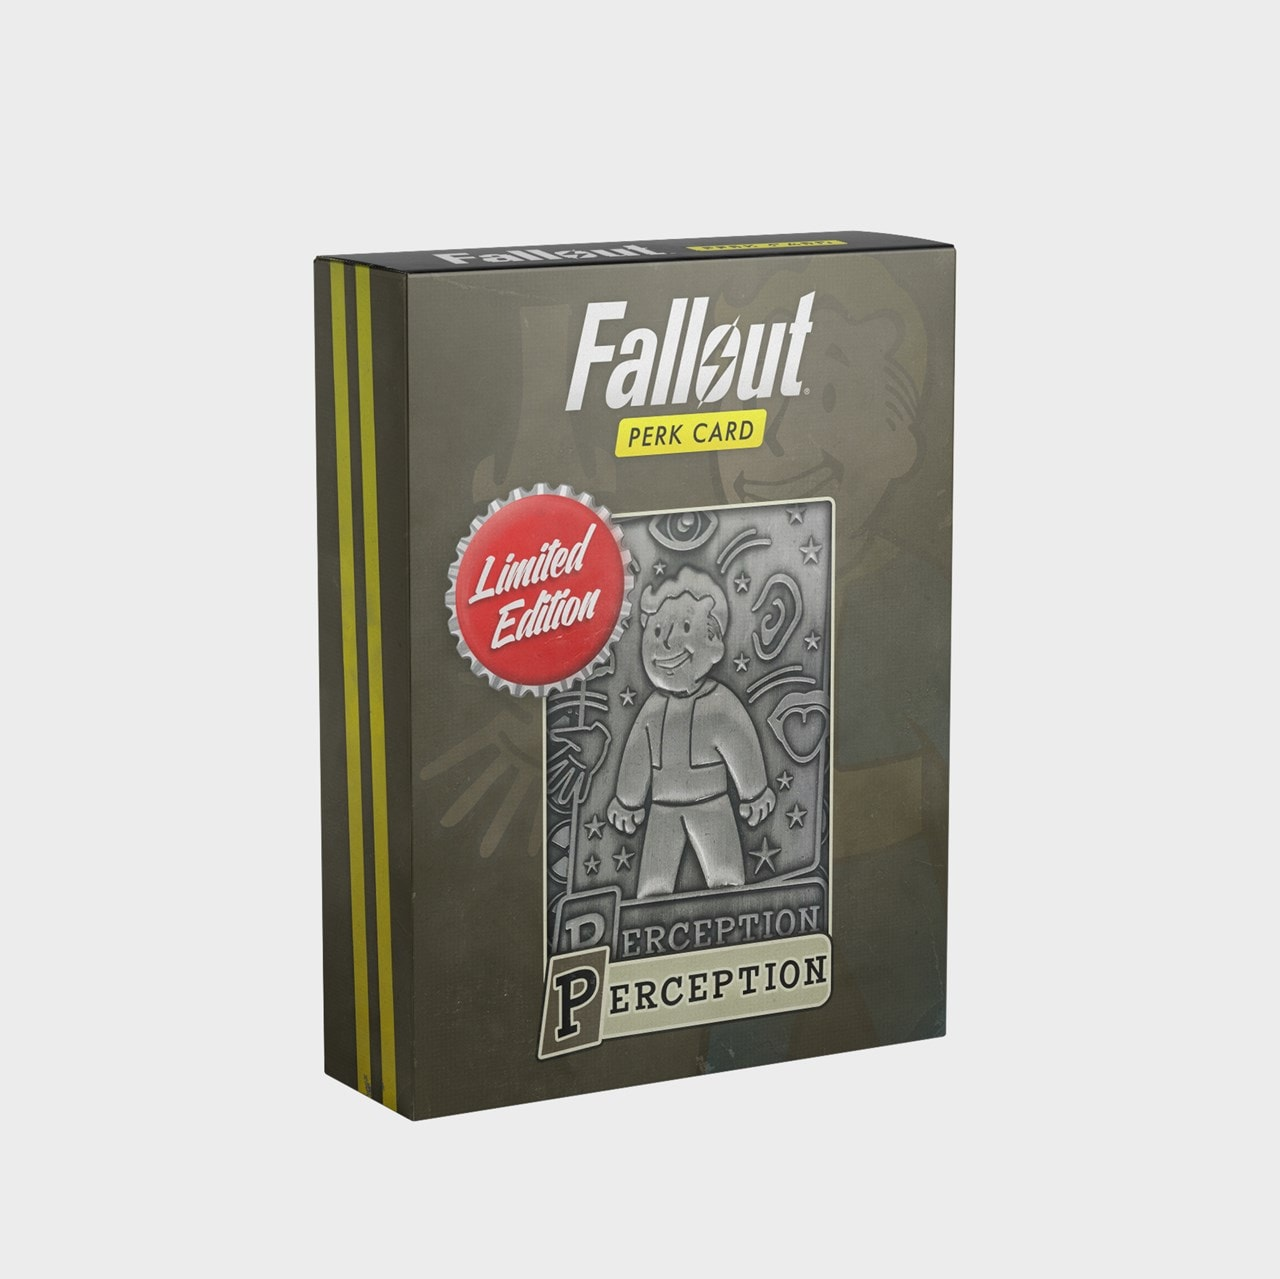 Fallout: Perception Metal Perk Card - 1